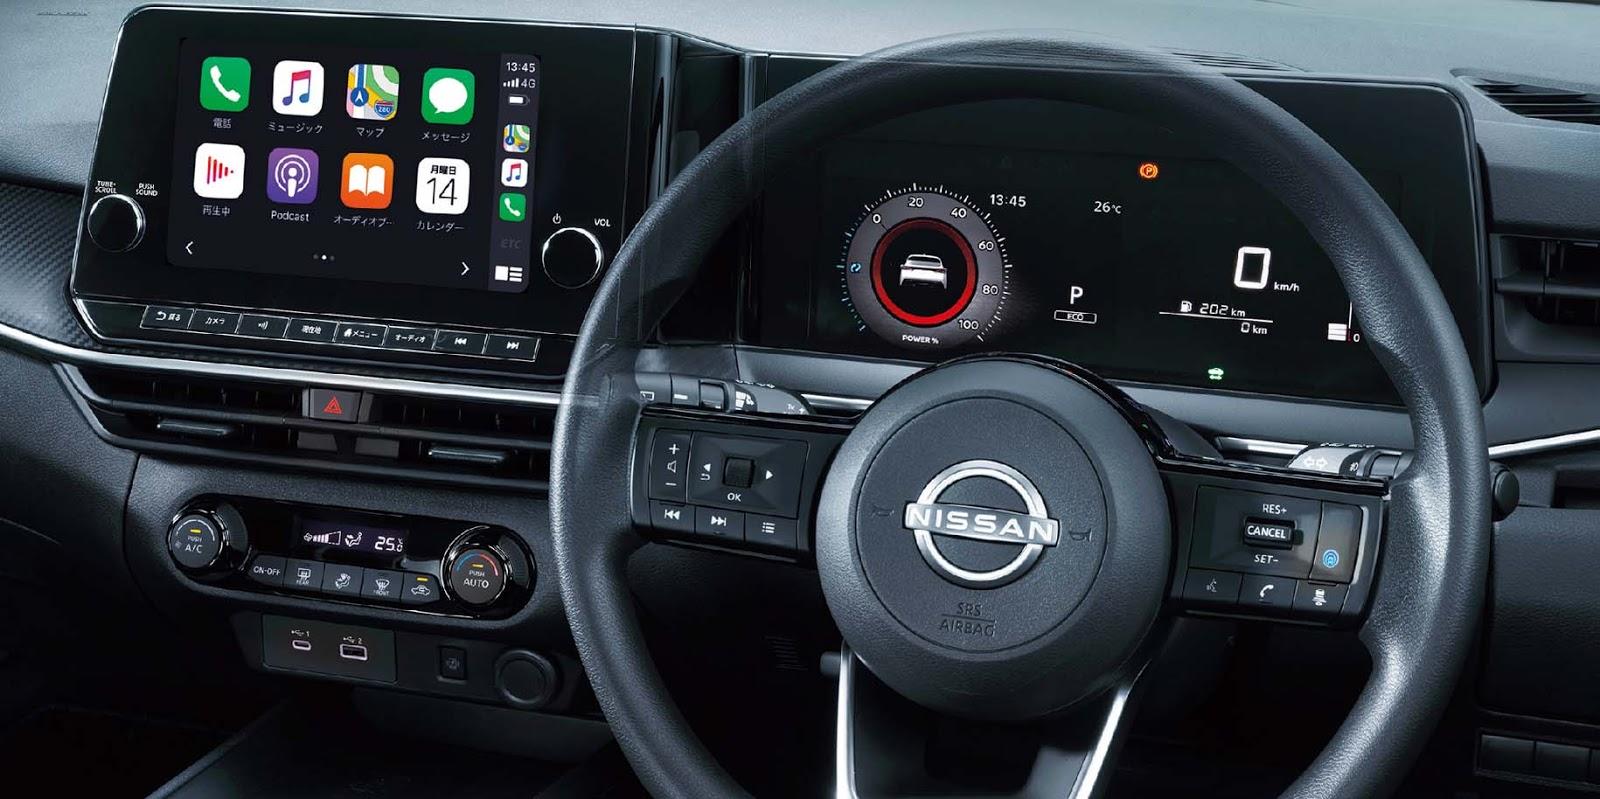 201124 01 013 Η Nissan λανσάρει το ολοκαίνουργιο NOTE στην Ιαπωνία Electric cars, electric vehicles, EV, Nissan, Nissan Note, Note, ειδήσεις, καινούργιο, καινούρια, καινούριο